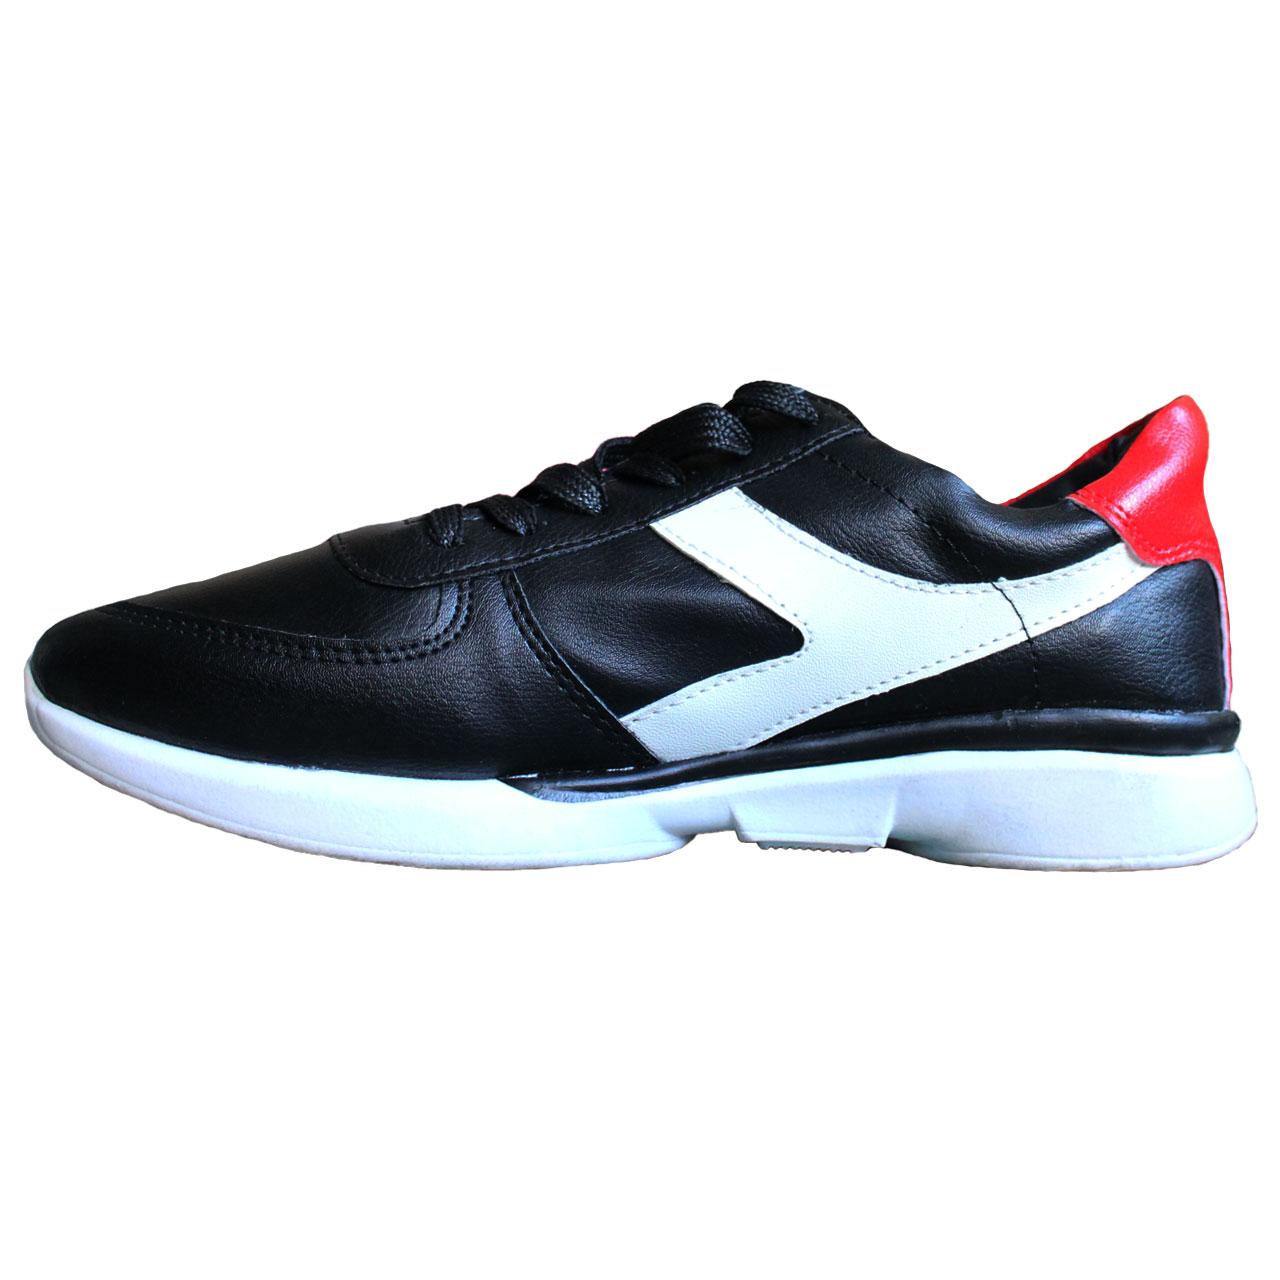 کفش مخصوص پیاده روی مردانه کد 111-1